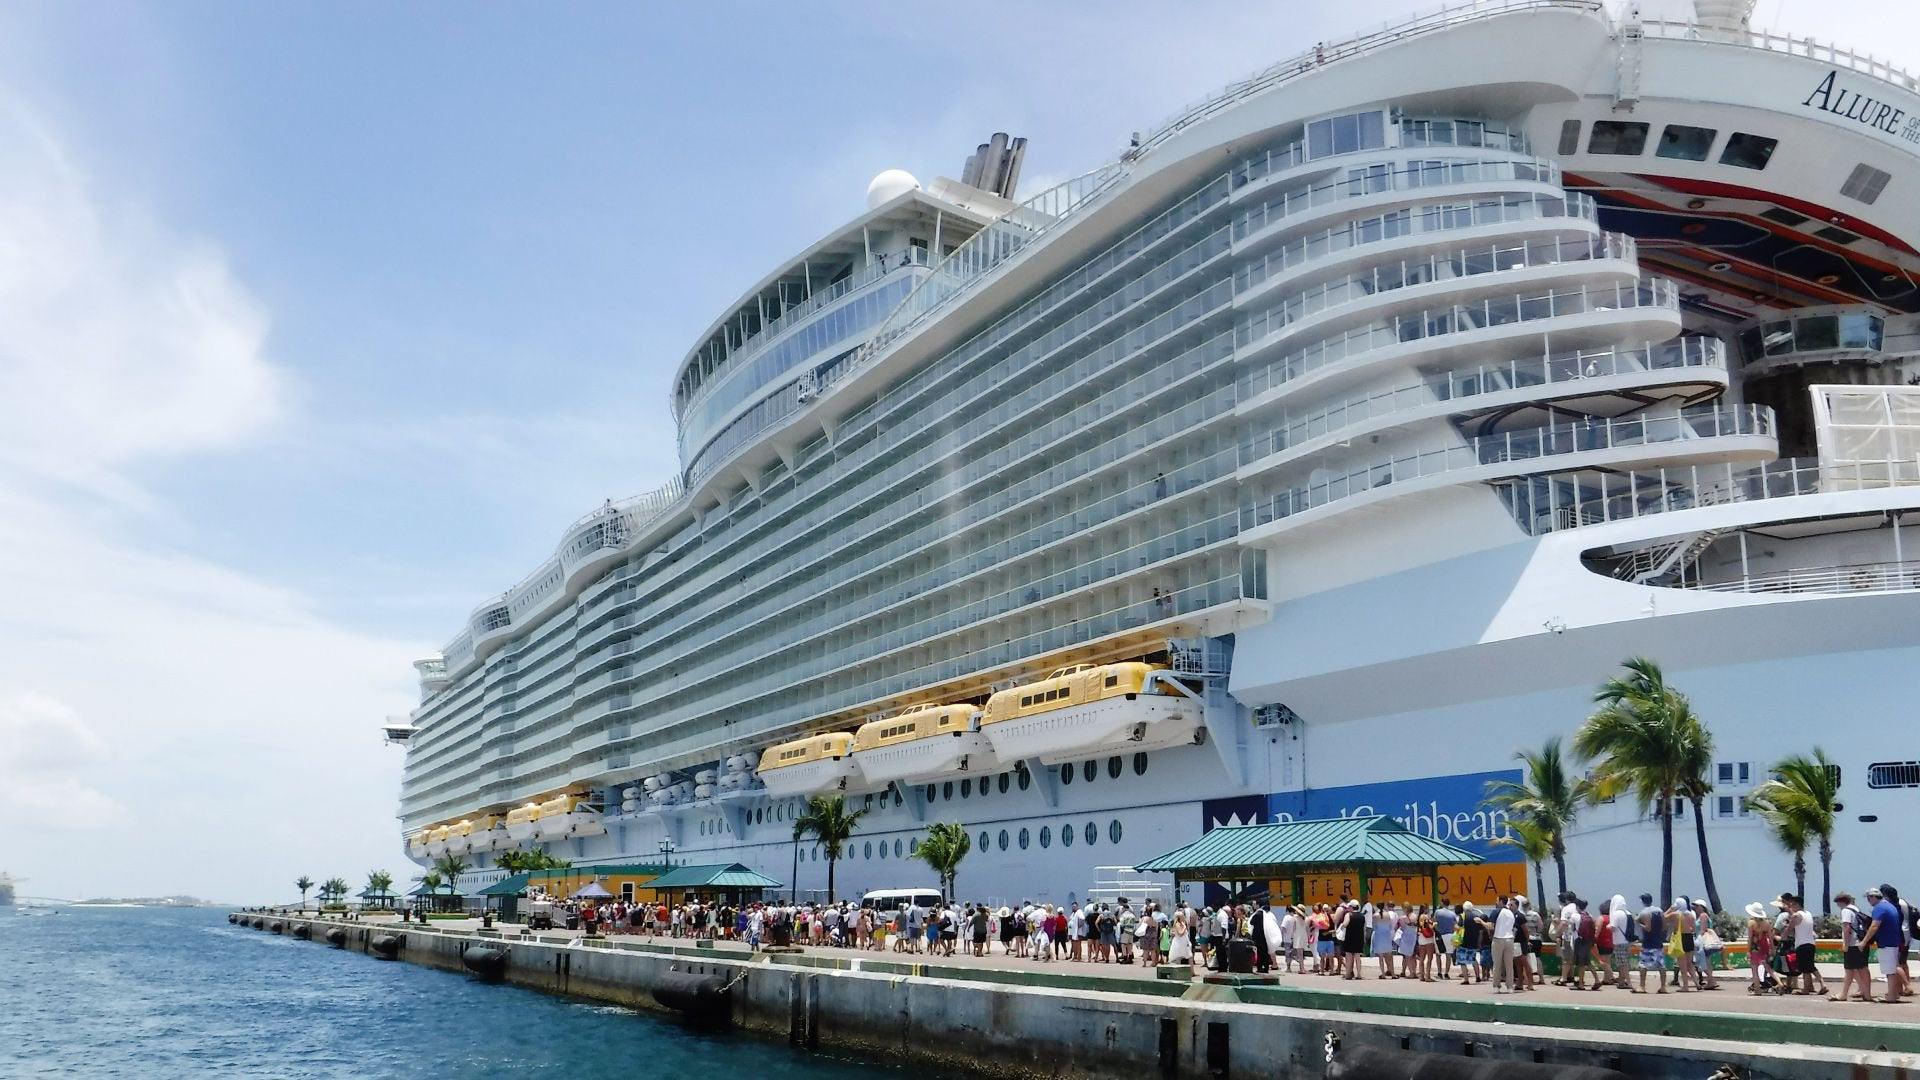 Tàu thủy lưu trú du lịch (Cruise ship) là gì? Xếp hạng và yêu cầu chung - Ảnh 1.